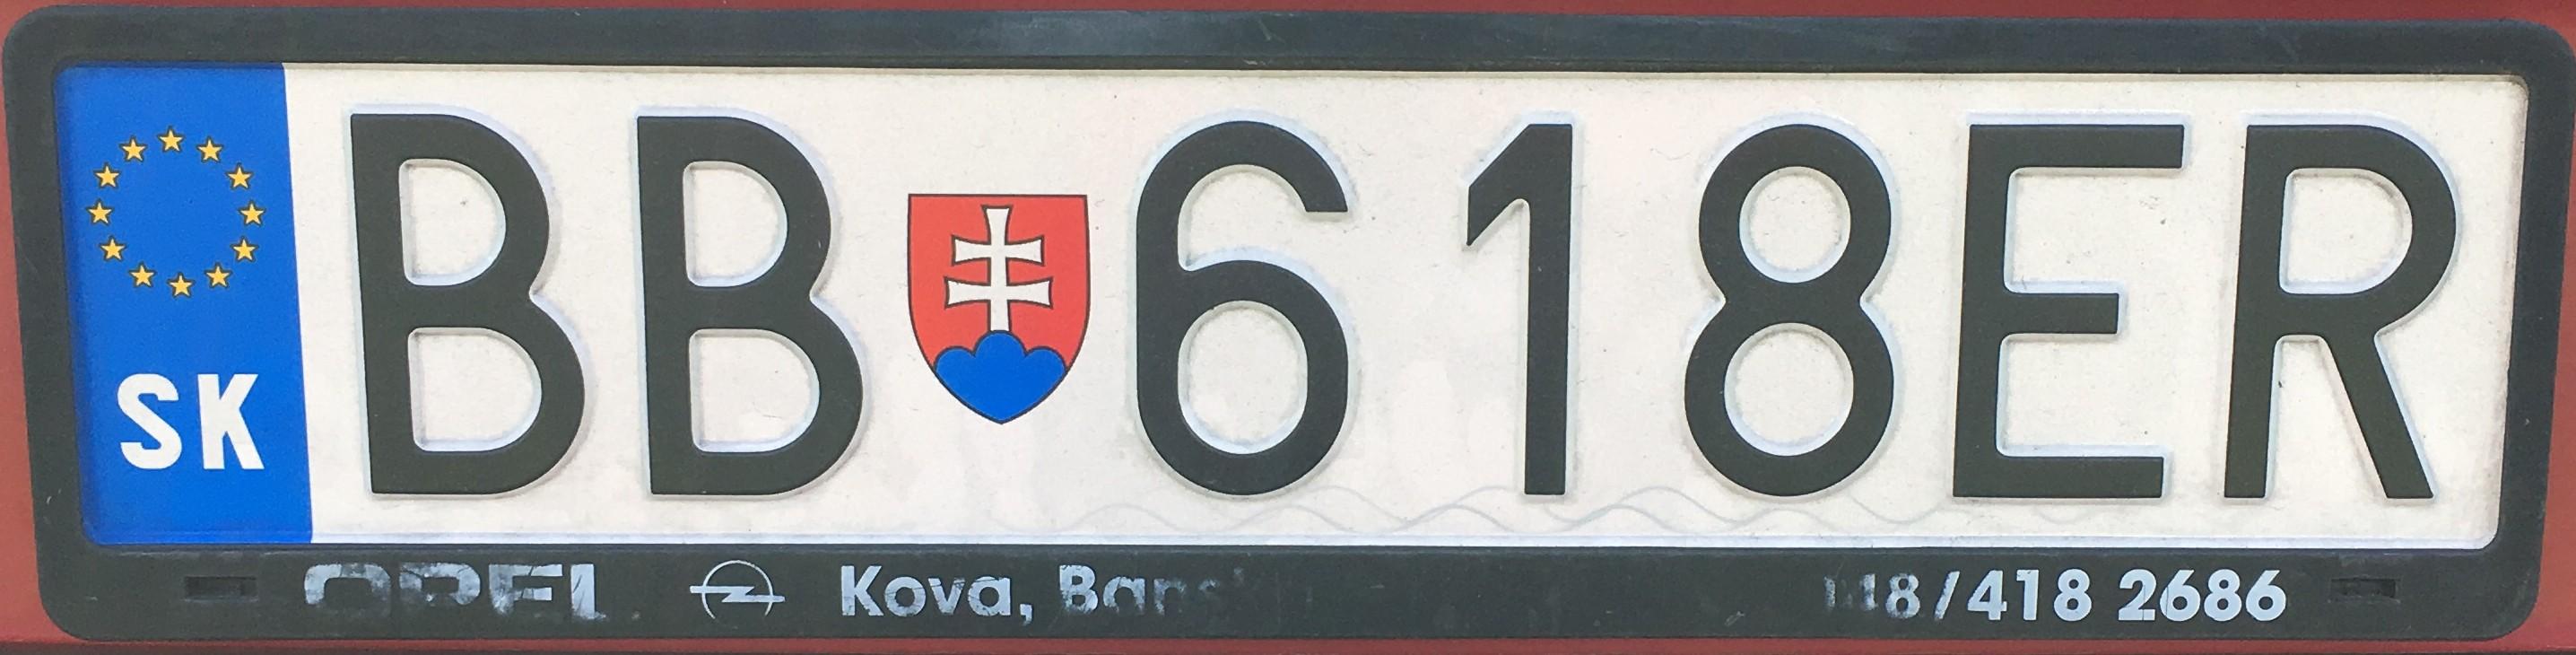 Registrační značka: BB - Banská Bystrica, foto: vlastní